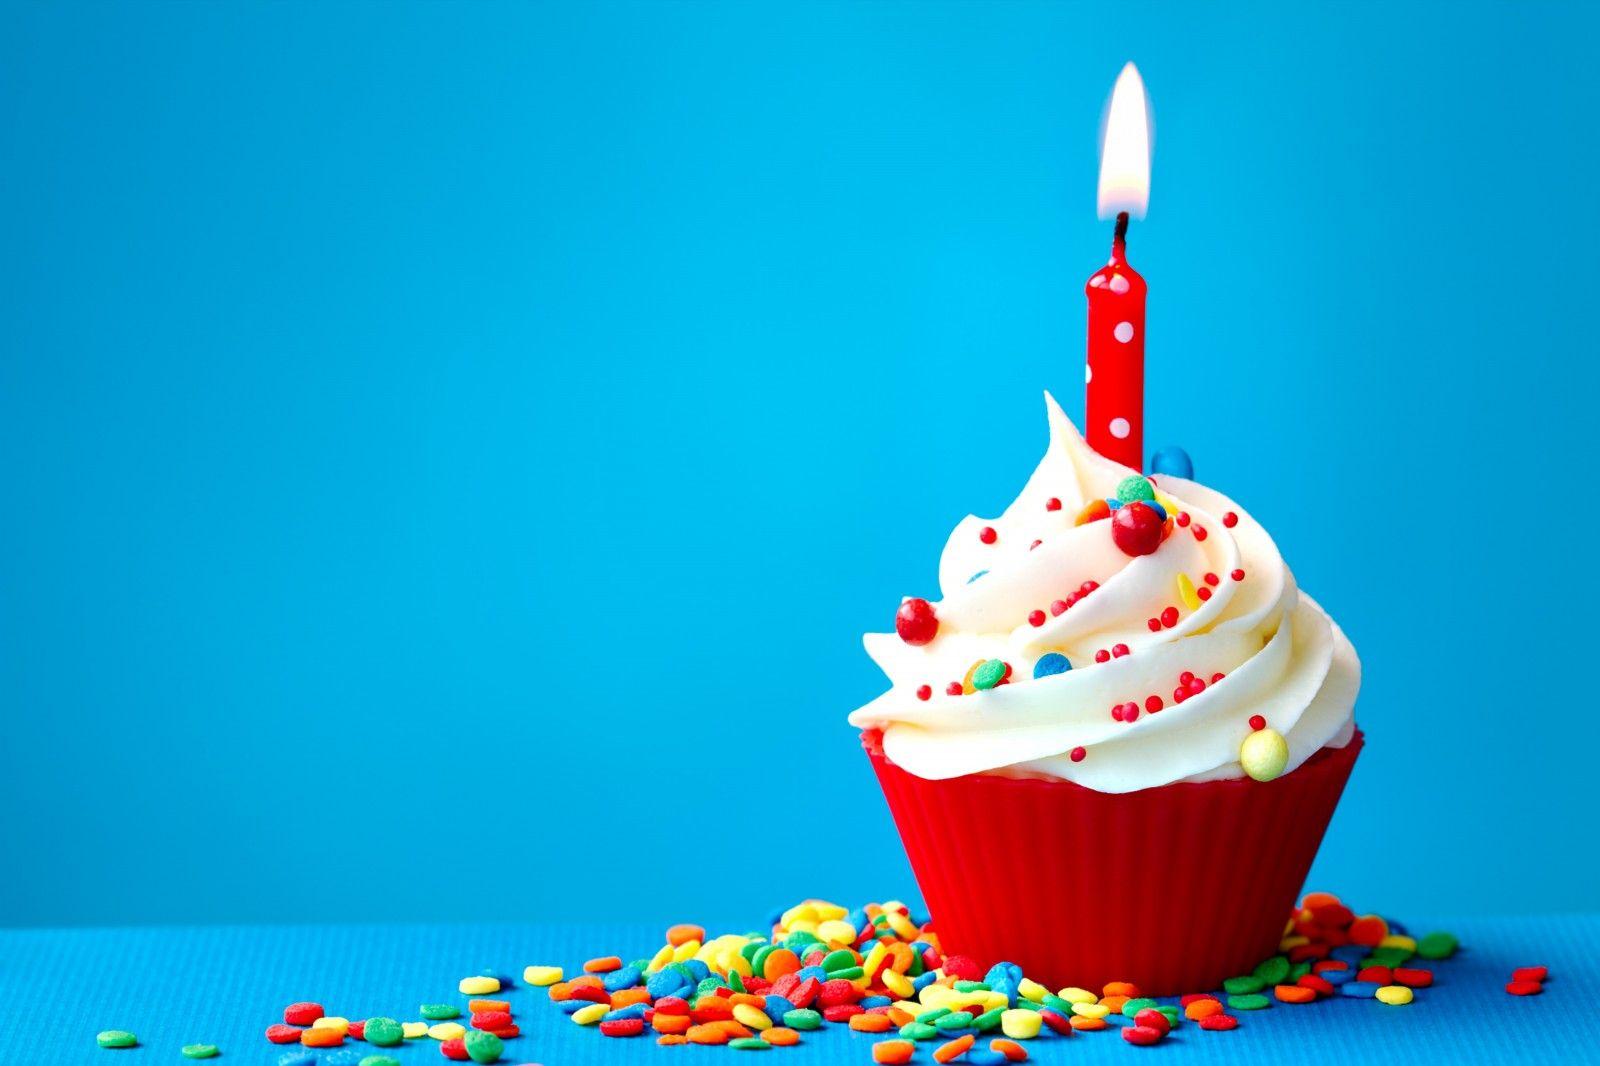 Happy Birthday Cupcakes Images 2015 P2IZNfv9